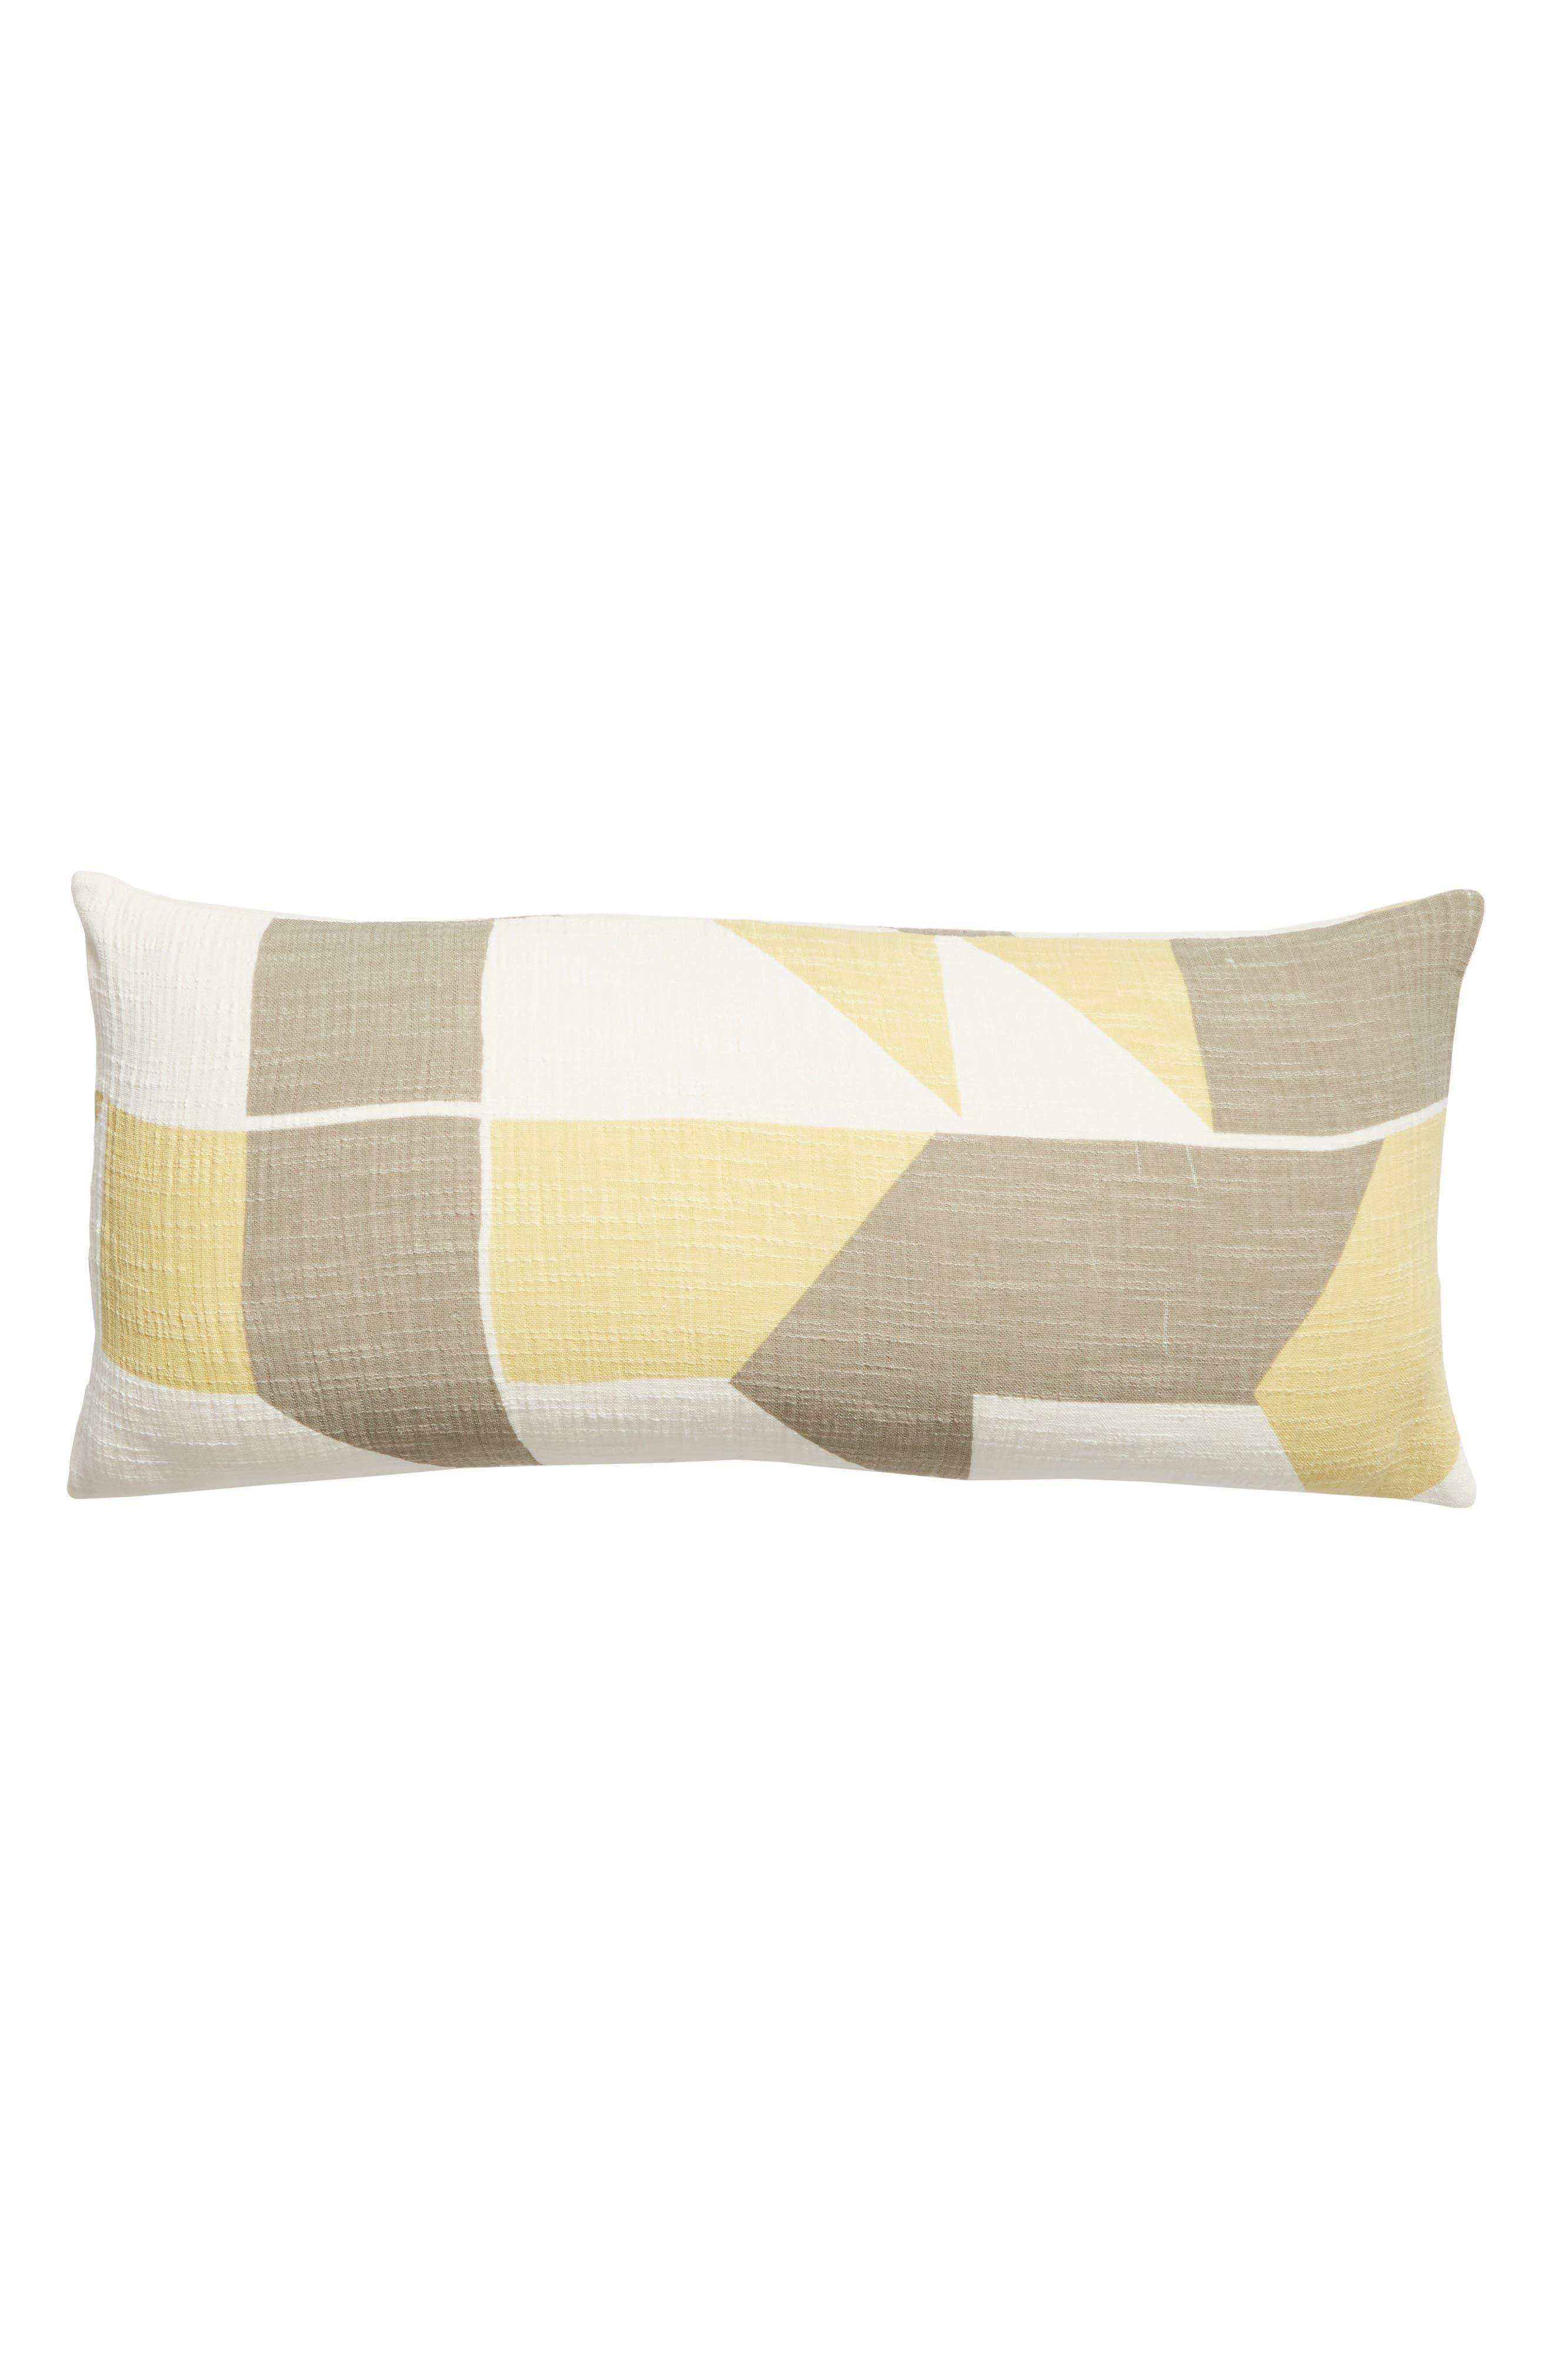 TREASURE & BOND, Print Accent Pillow, Main thumbnail 1, color, OLIVE NILE MULTI